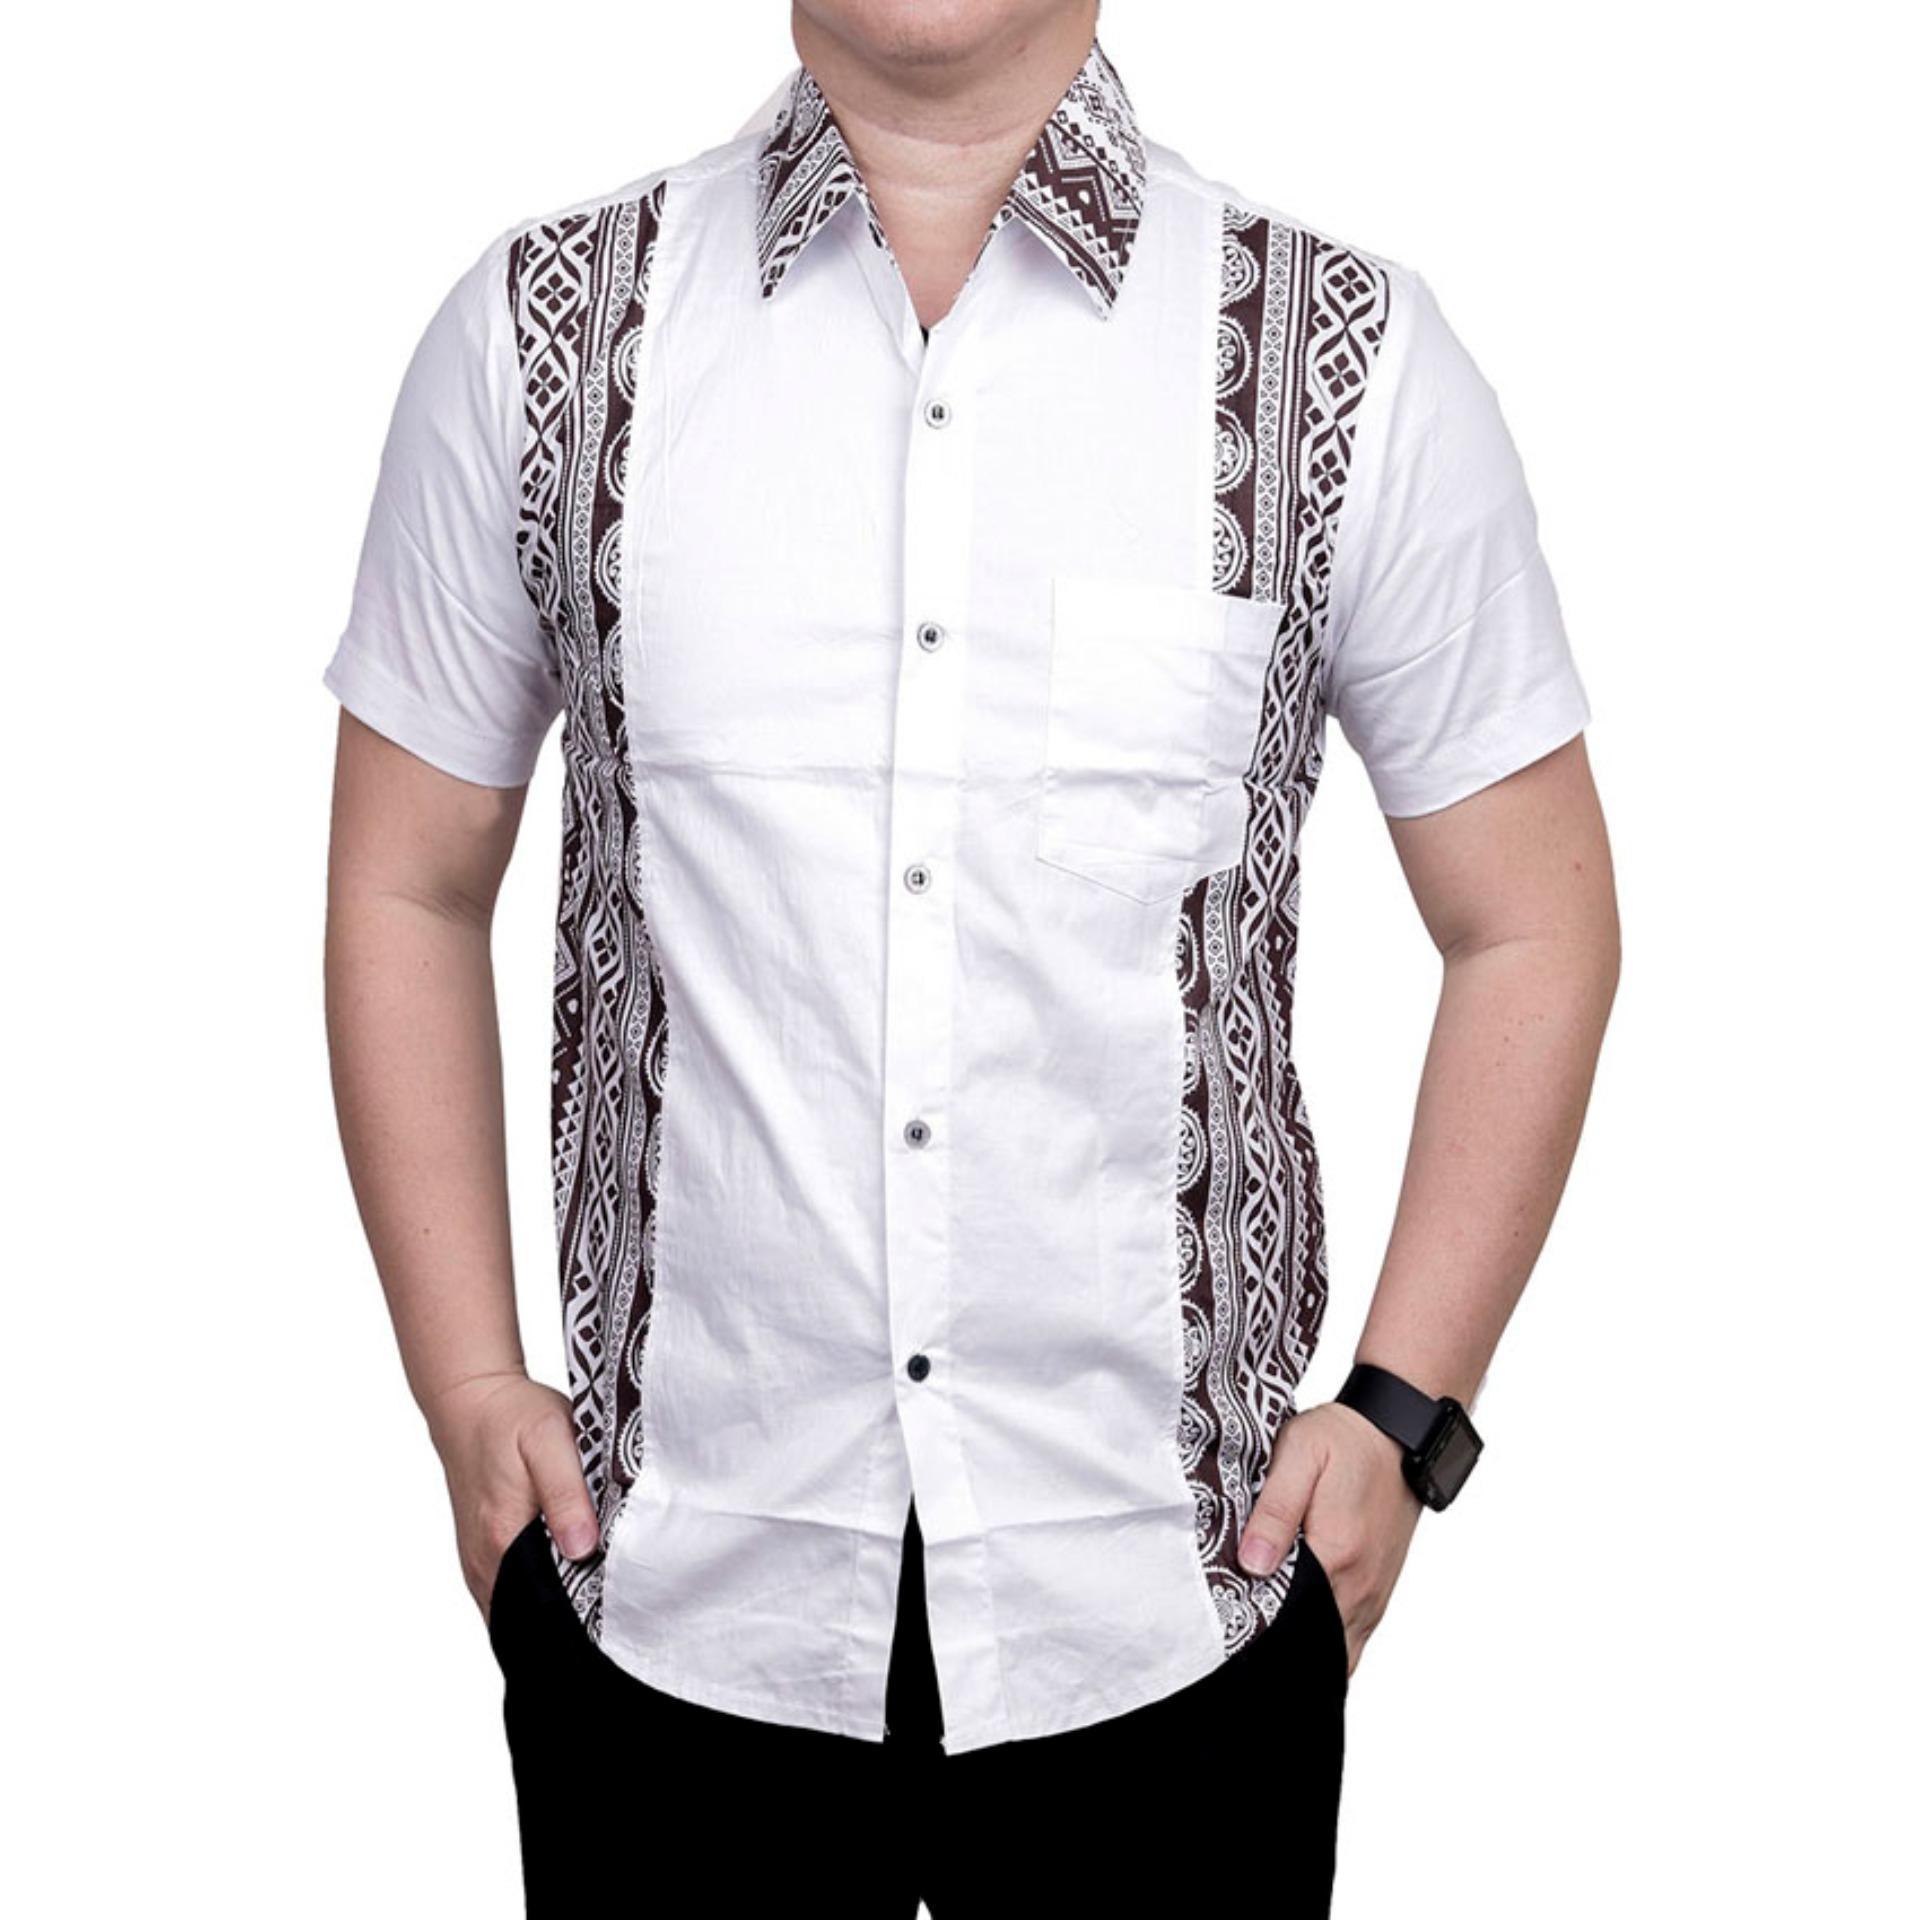 Anggaran Terbaik Ormano Baju Koko Muslim Batik Lengan Pendek Lebaran Modern 14 Zo17 23sr Kemeja Fashion Pria All Size